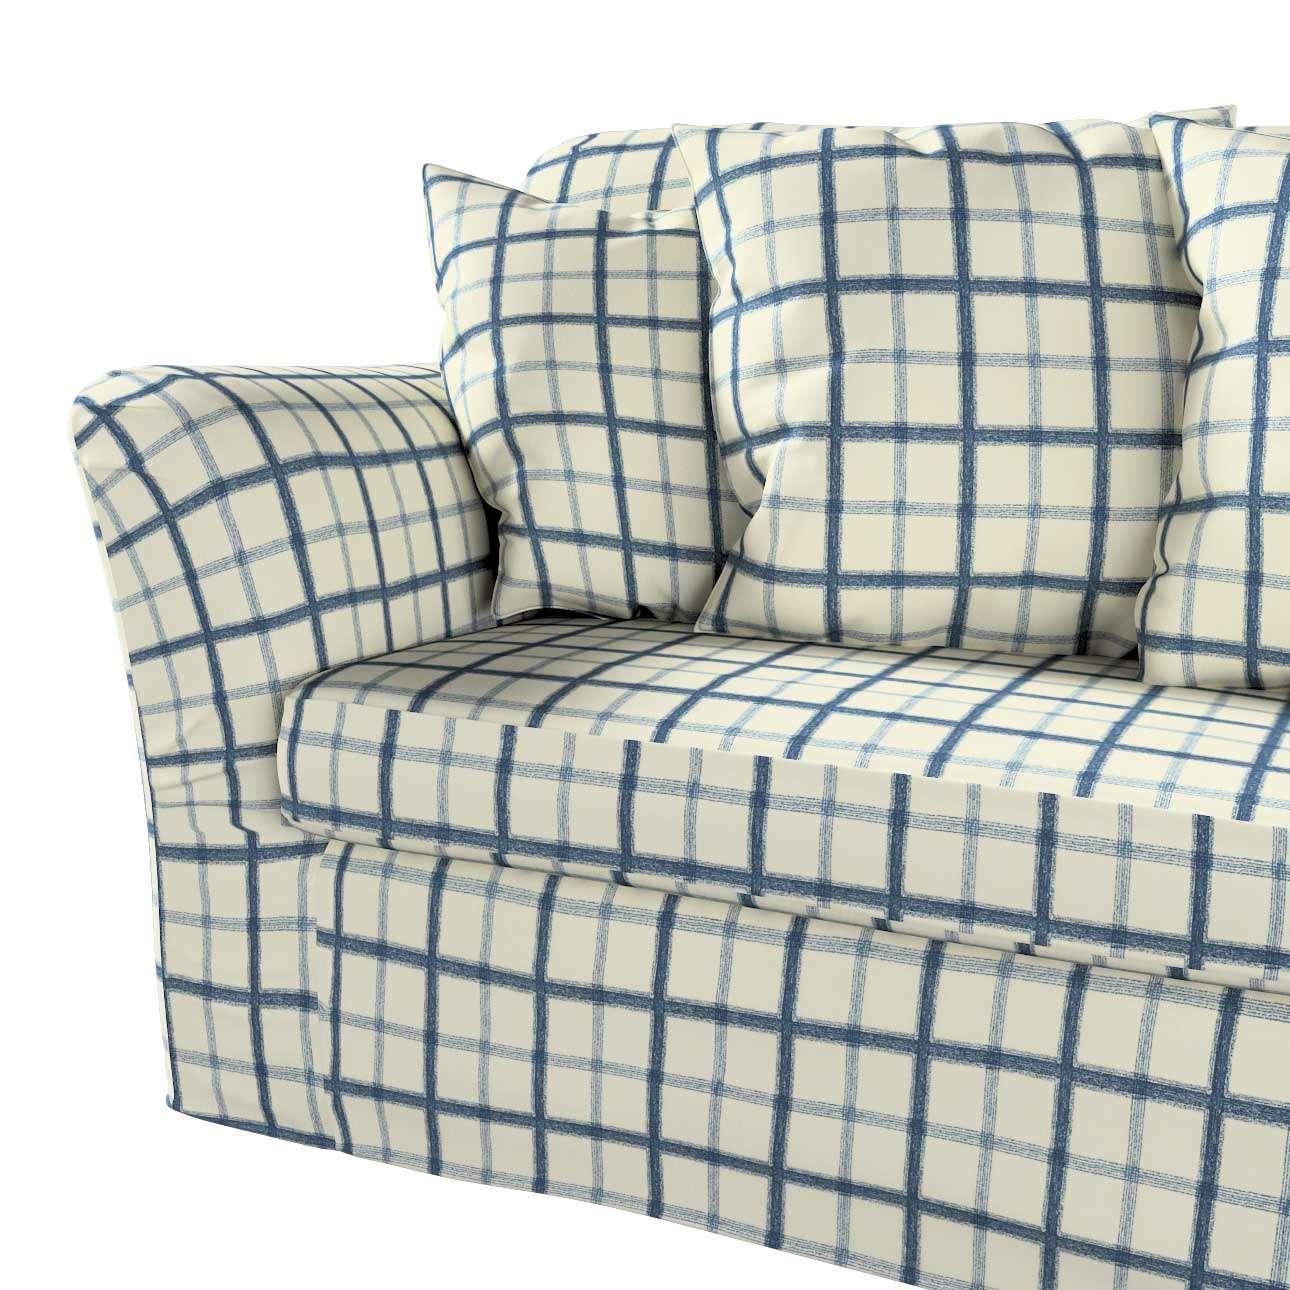 Pokrowiec na sofę Tomelilla 3-osobową rozkładaną w kolekcji Avinon, tkanina: 131-66